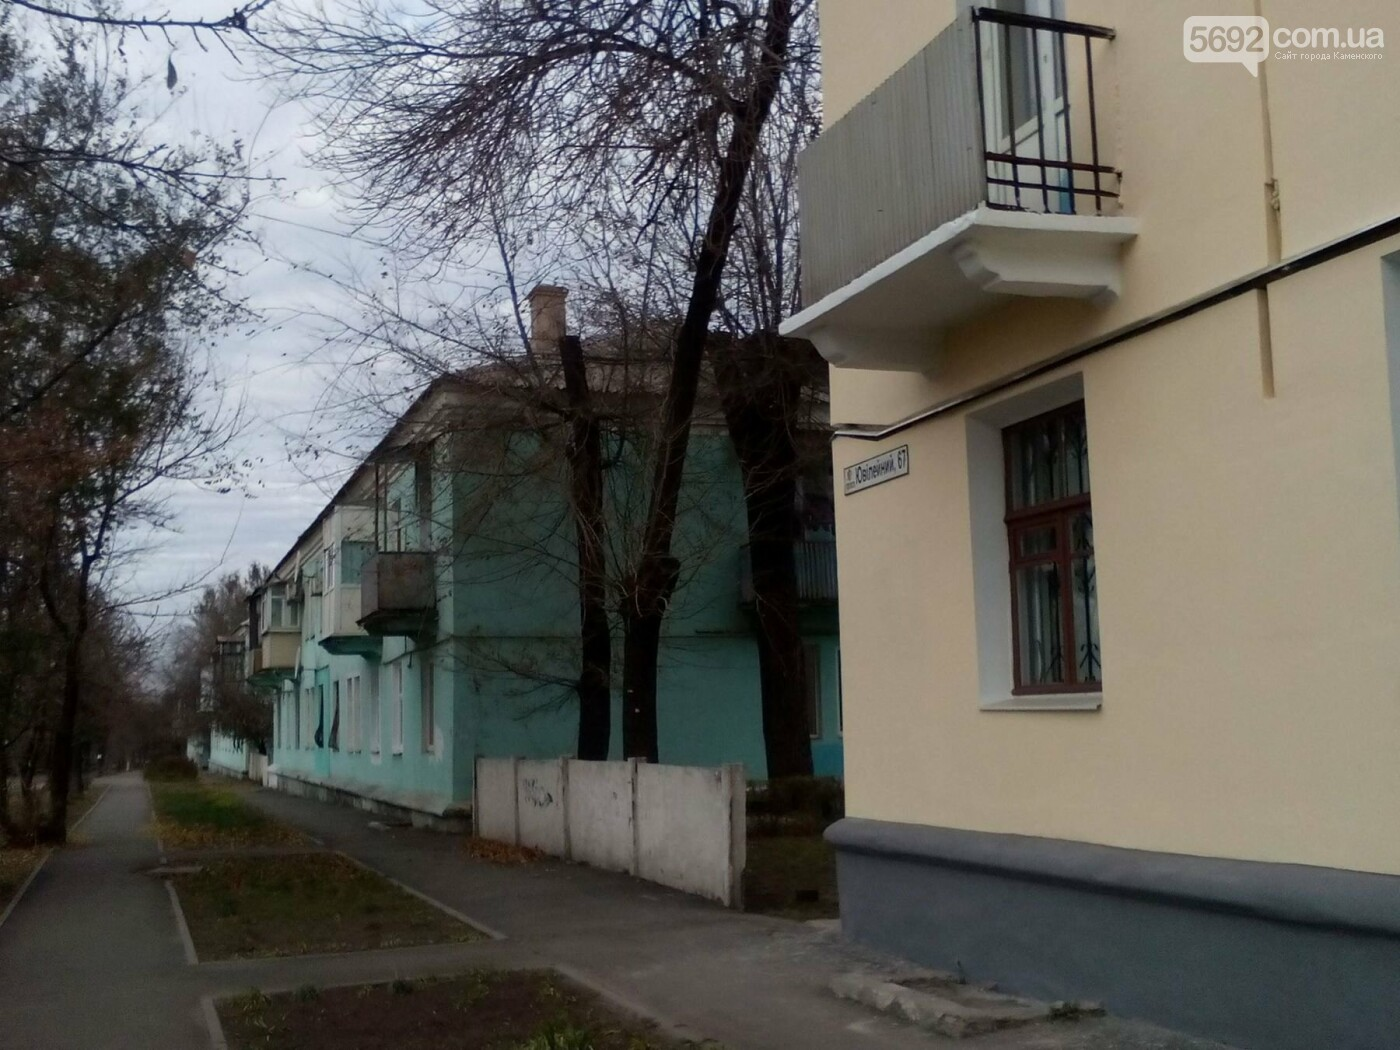 Дом на Юбилейном в Каменском не похож на все: жители перешли на ОСМД, фото-3